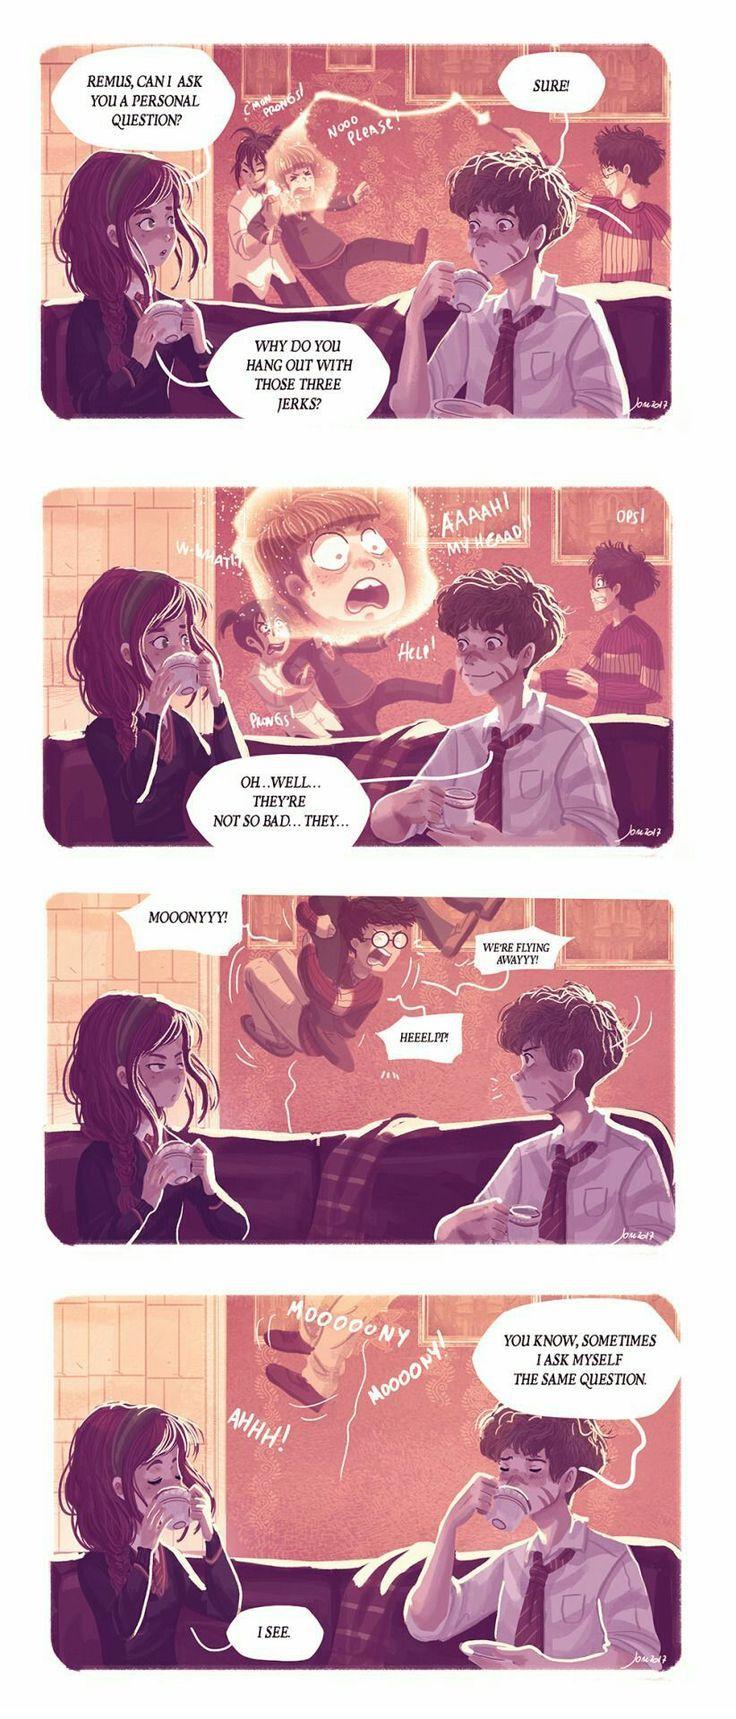 Wir Sind Rumtreiber Harry Potter Comics Harry Potter Art Harry Potter Marauders